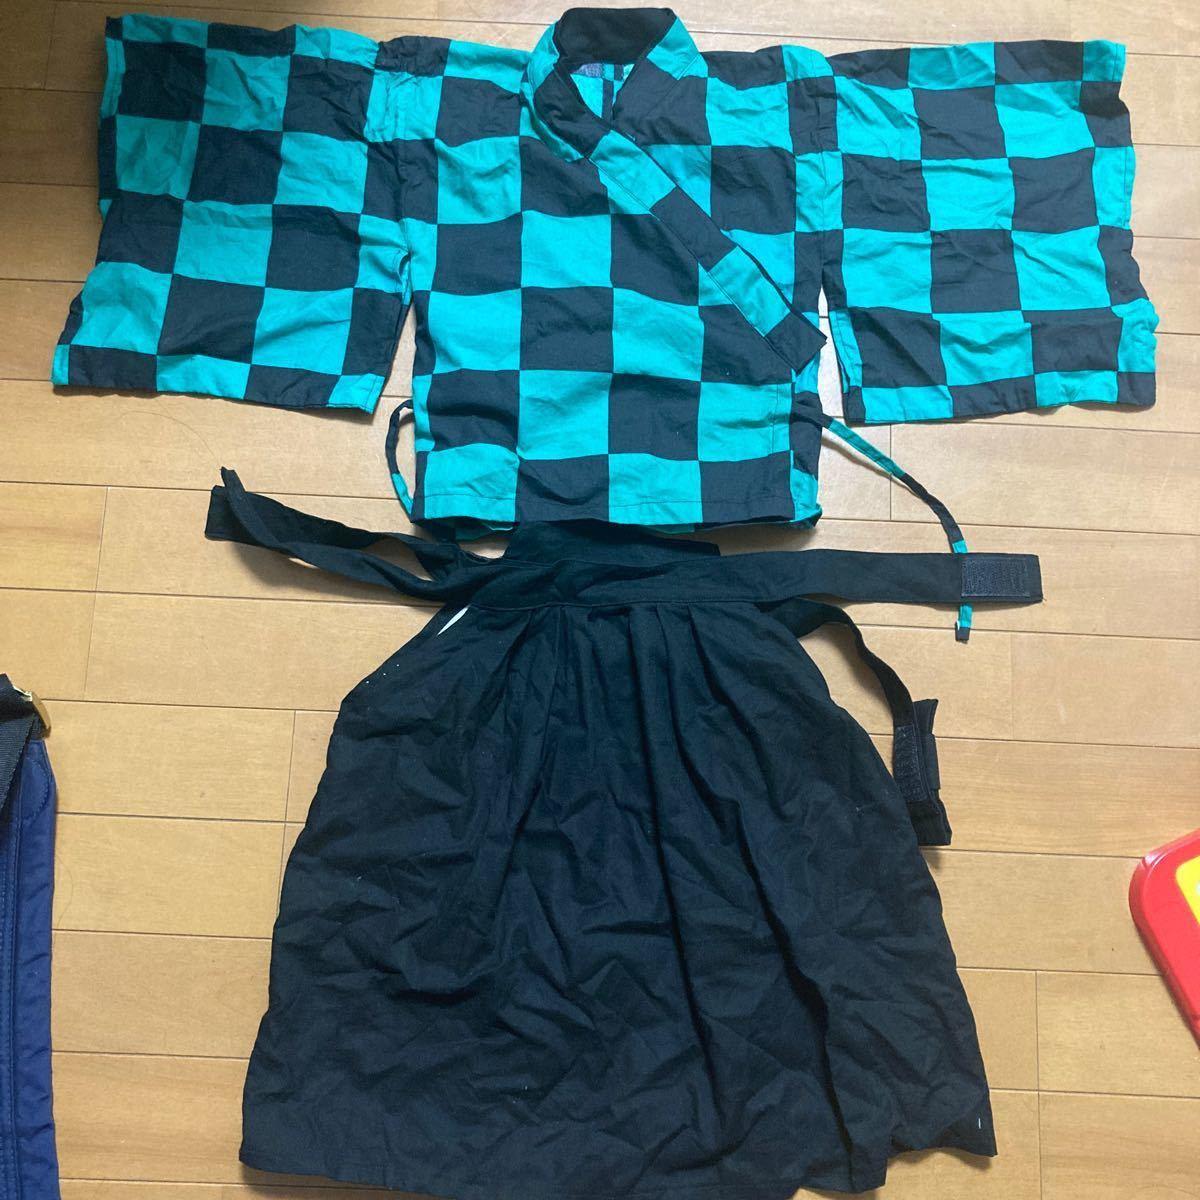 鬼滅の刃 袴の衣装(手作り)90cm 男の子 コスプレ